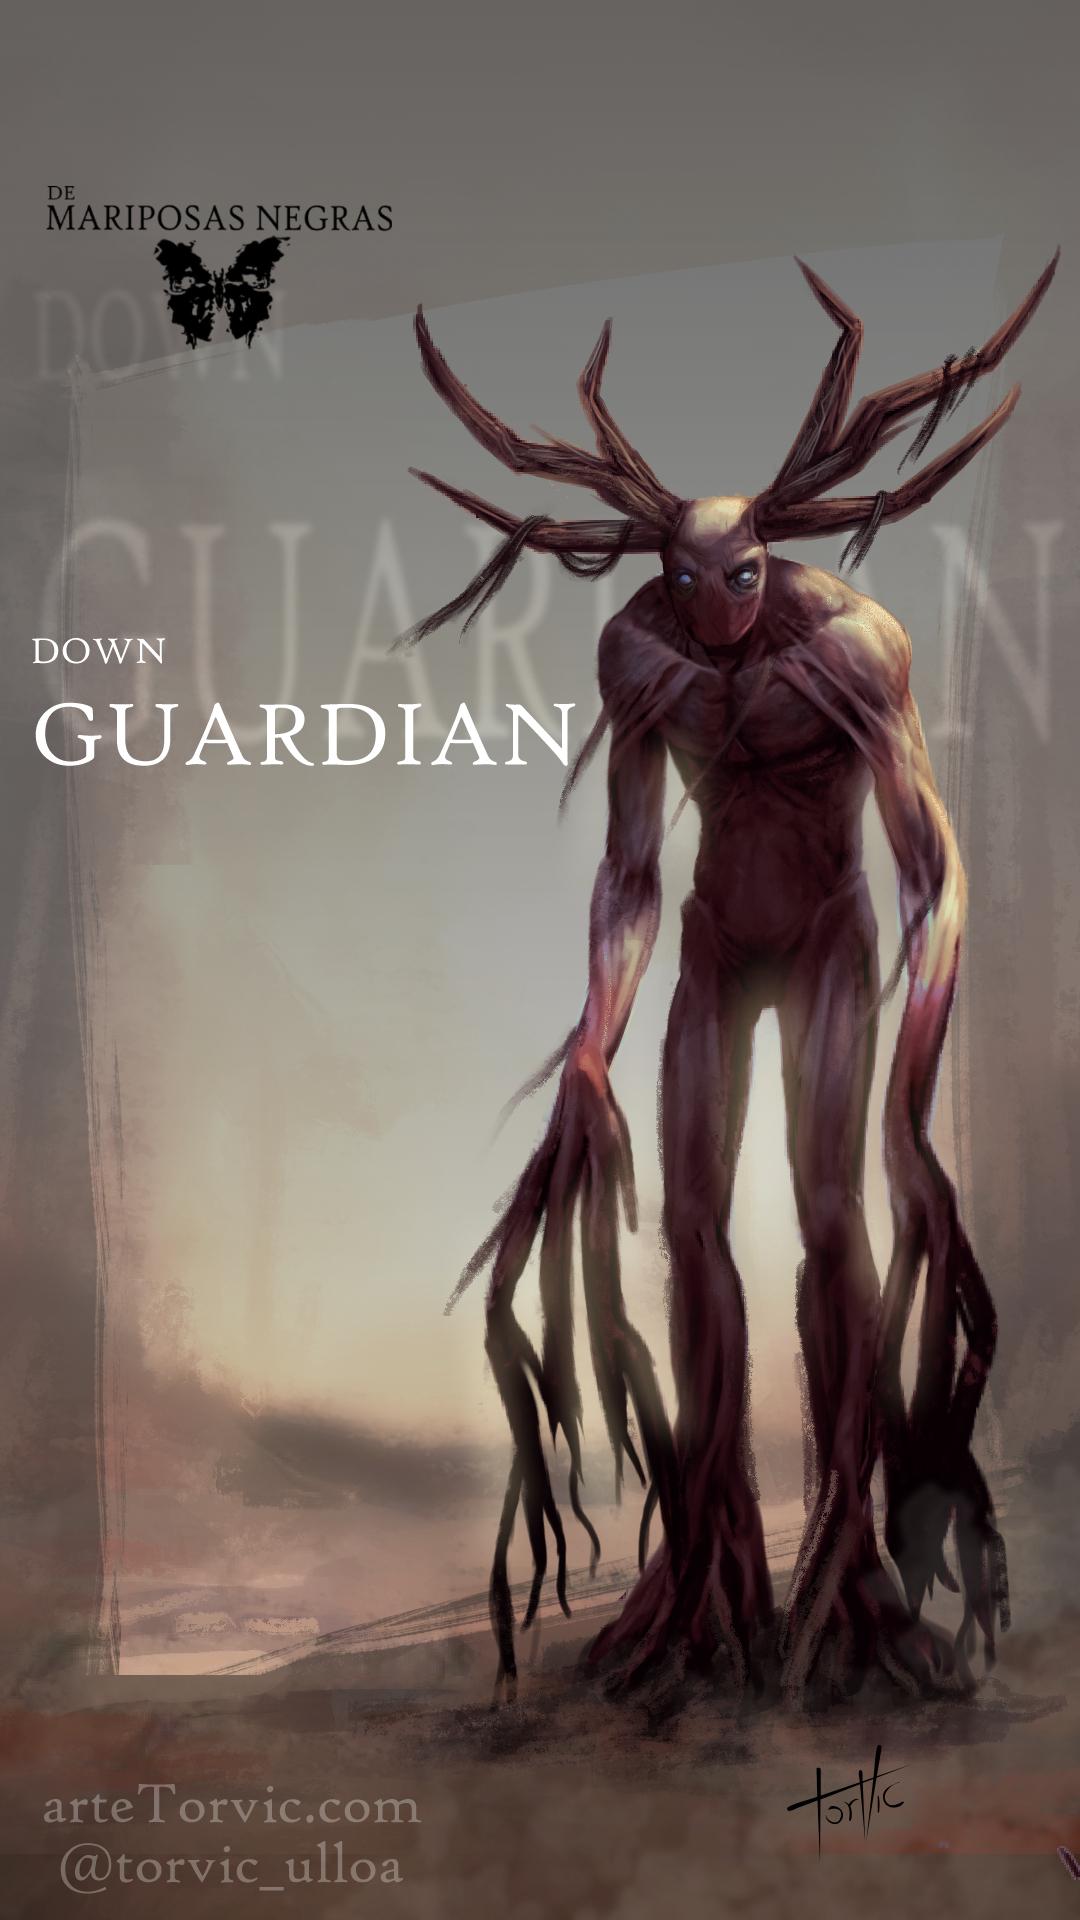 down guardian